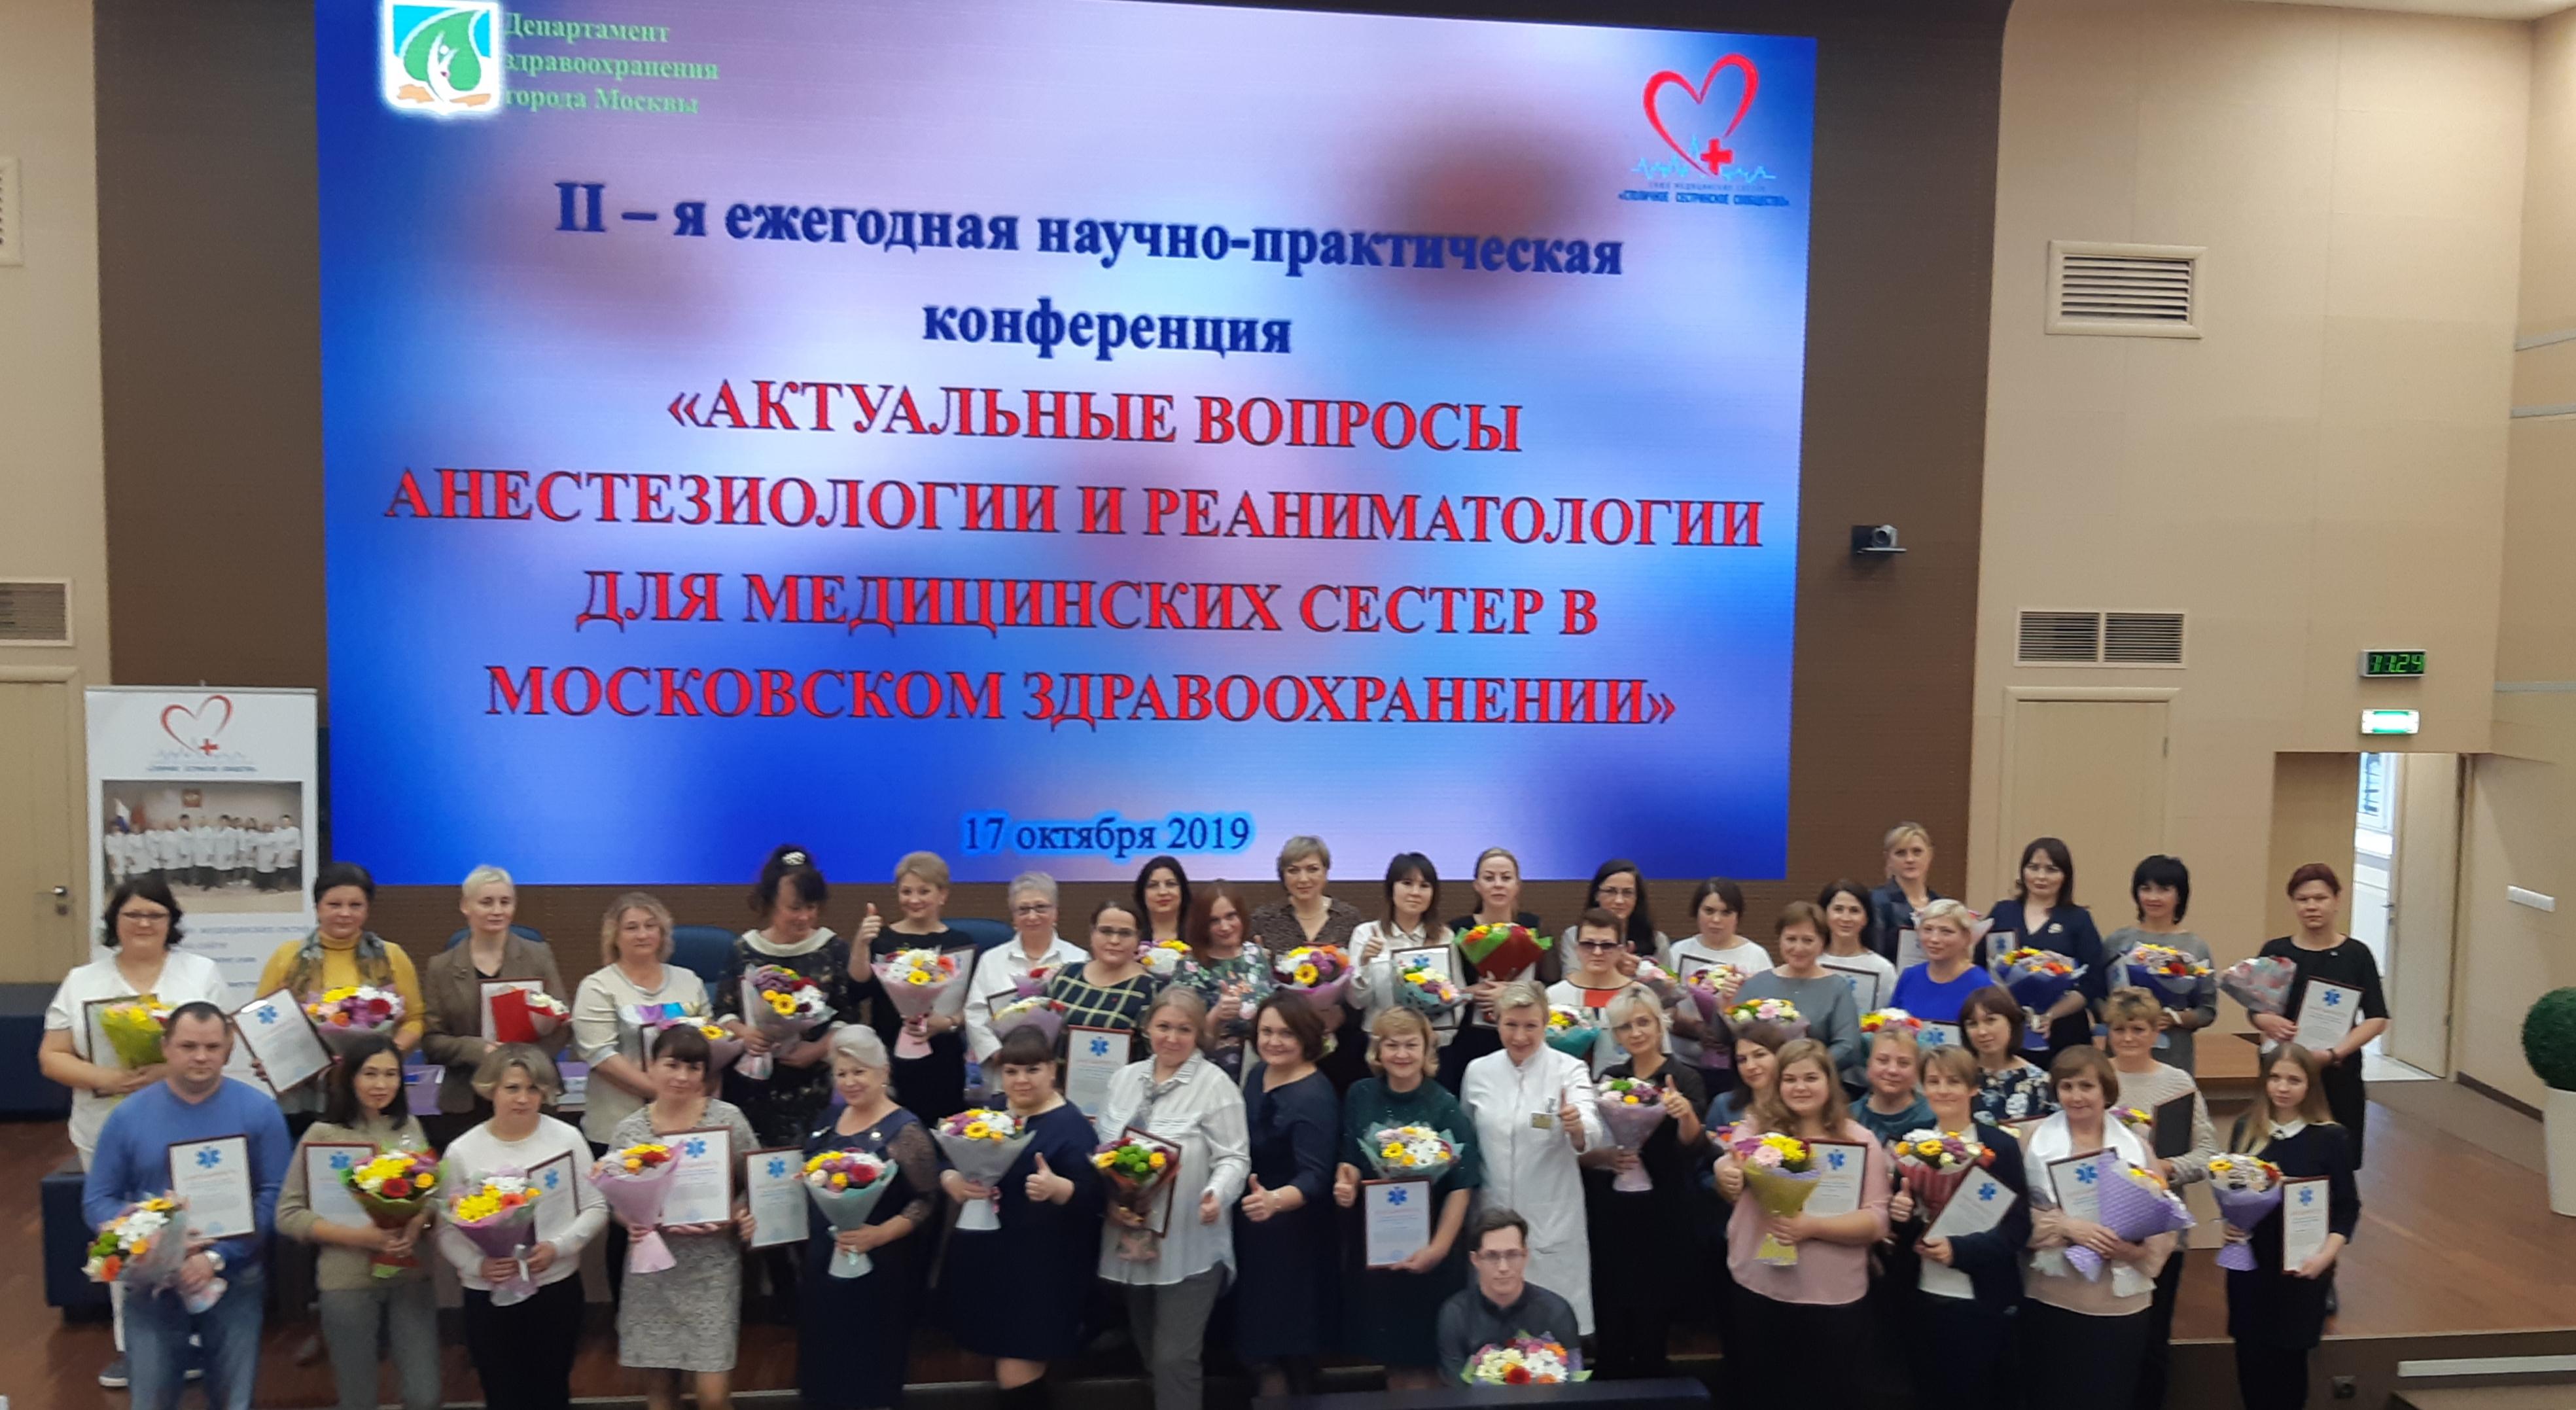 II - я ежегодная научно-практическая конференция